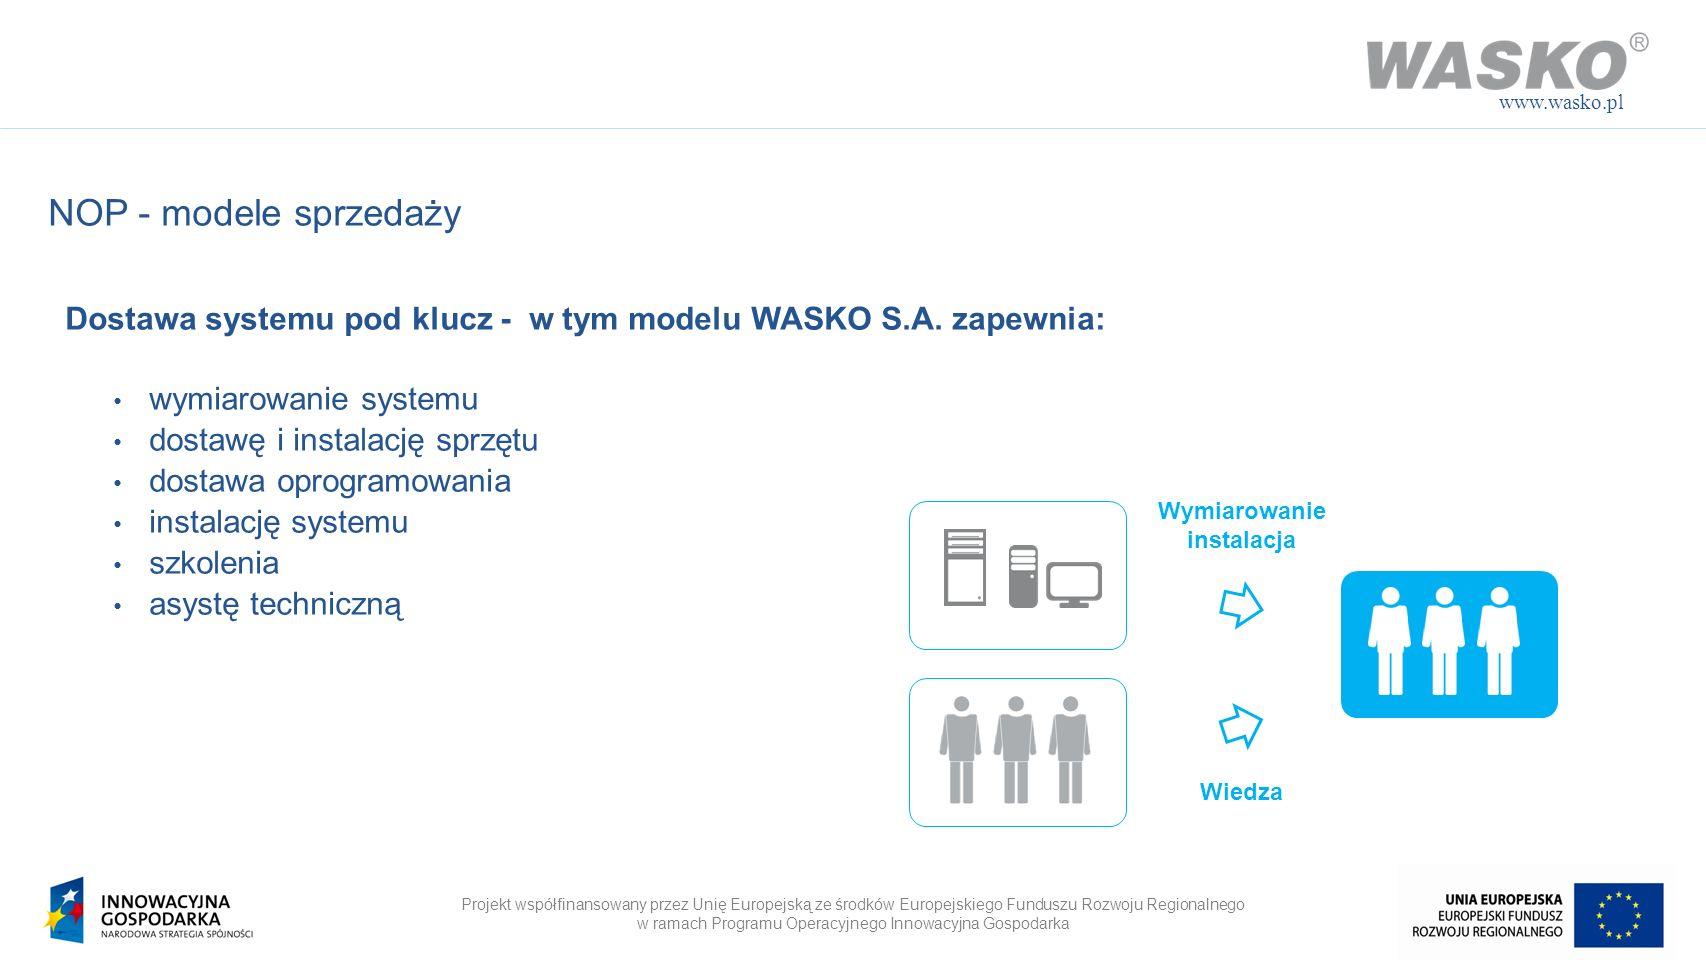 www.wasko.plNOP - modele sprzedaży. Dostawa systemu pod klucz - w tym modelu WASKO S.A. zapewnia: wymiarowanie systemu.